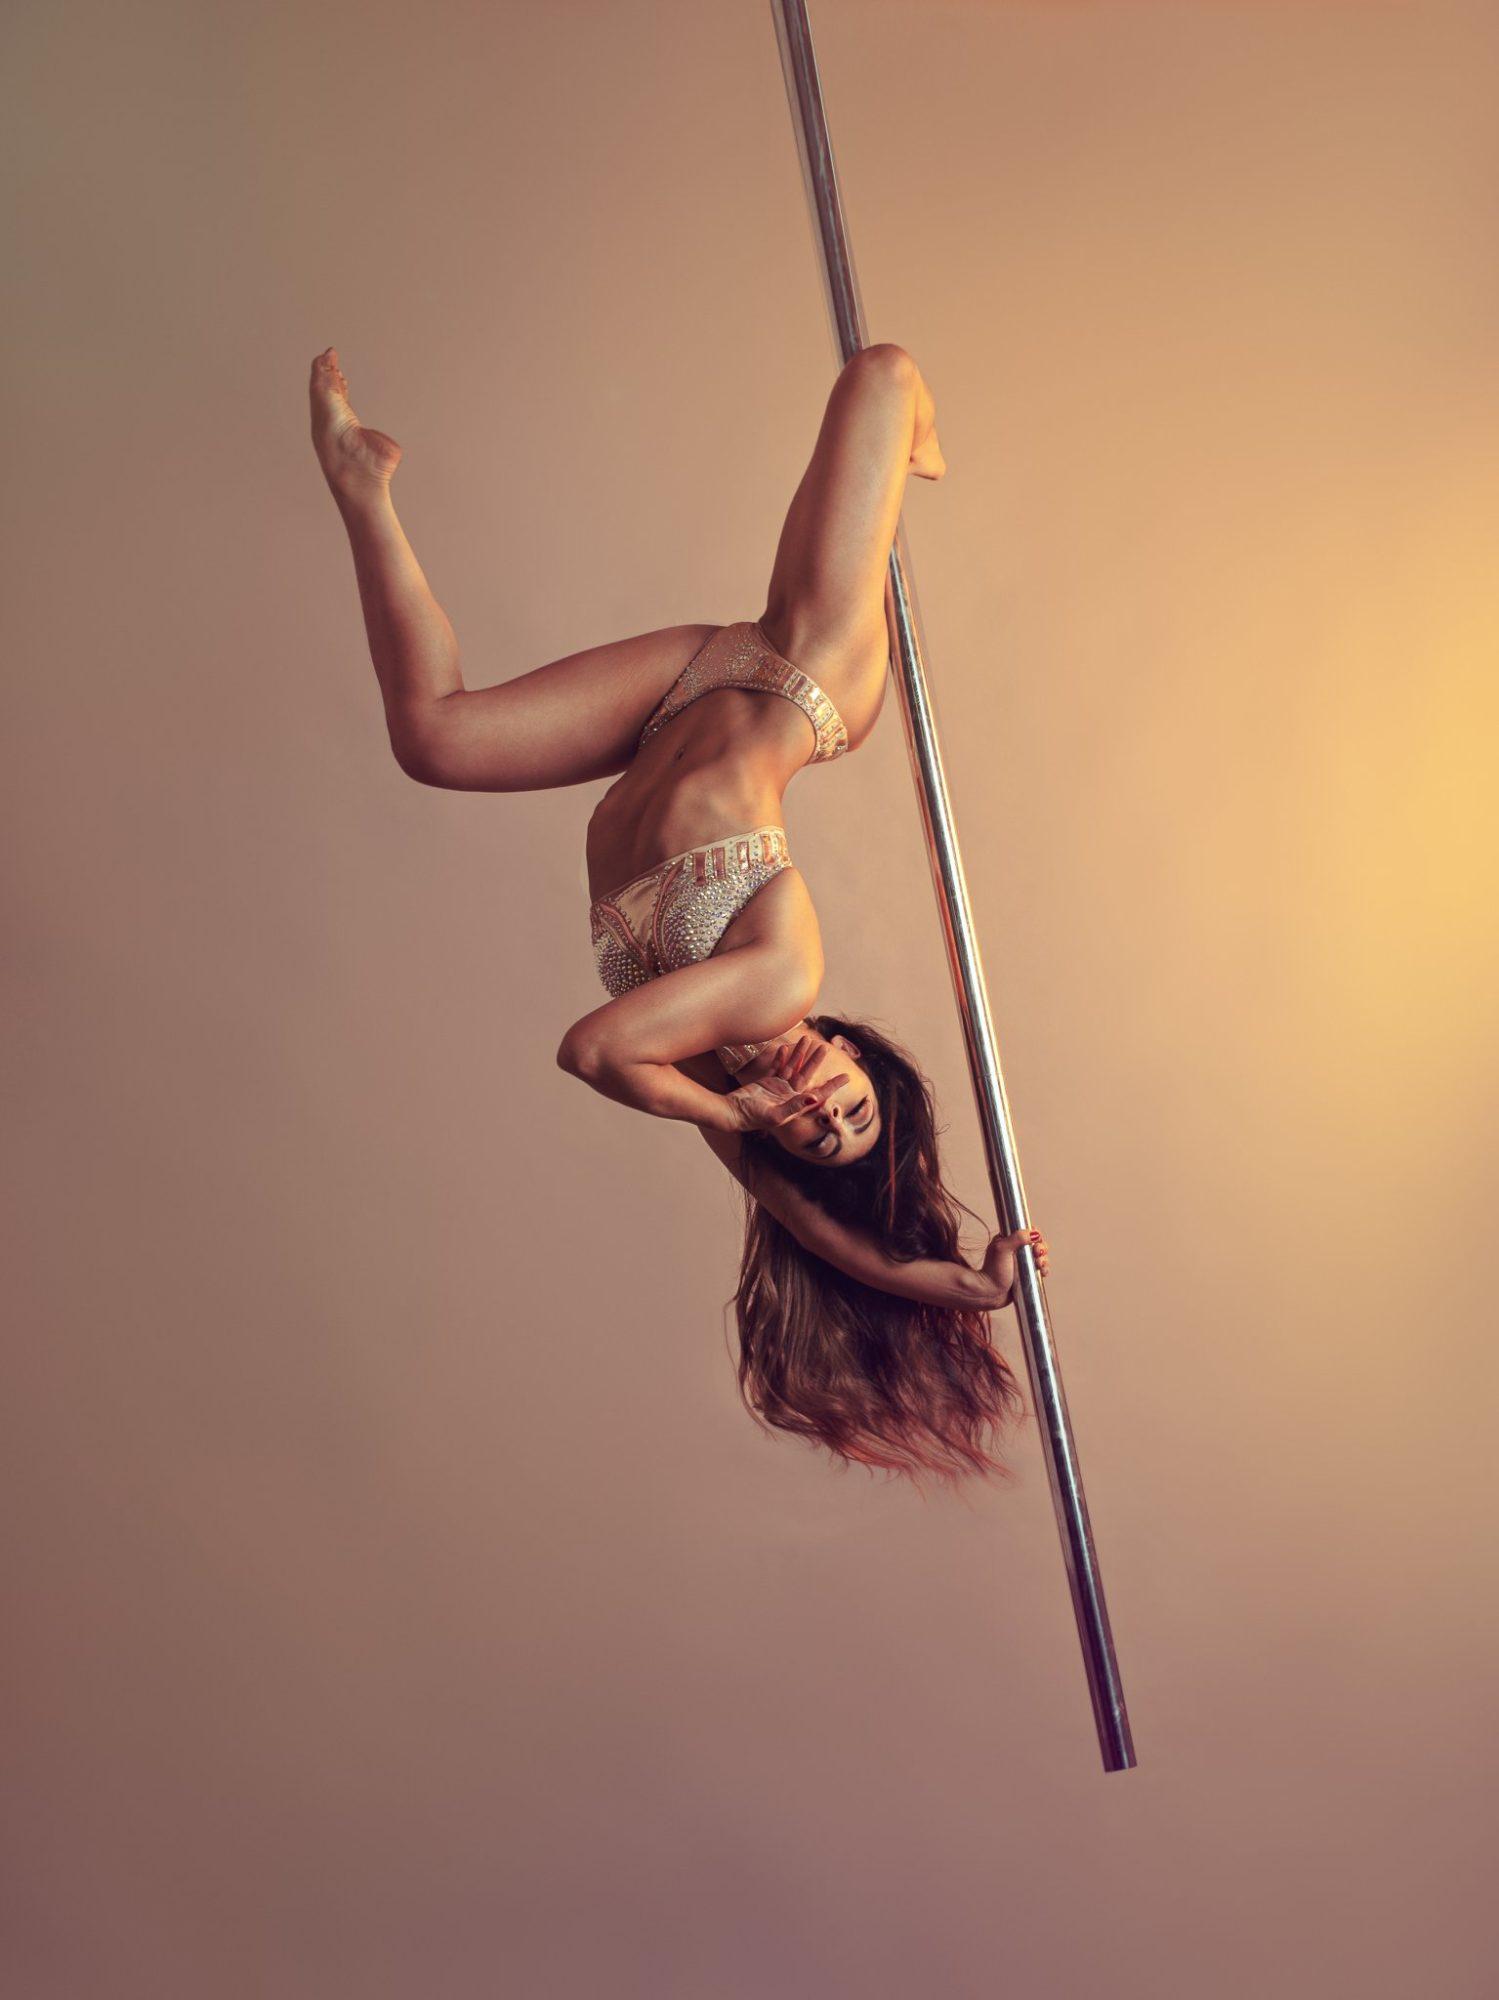 Tribe Fitness Dance Studio - Lisette Krol